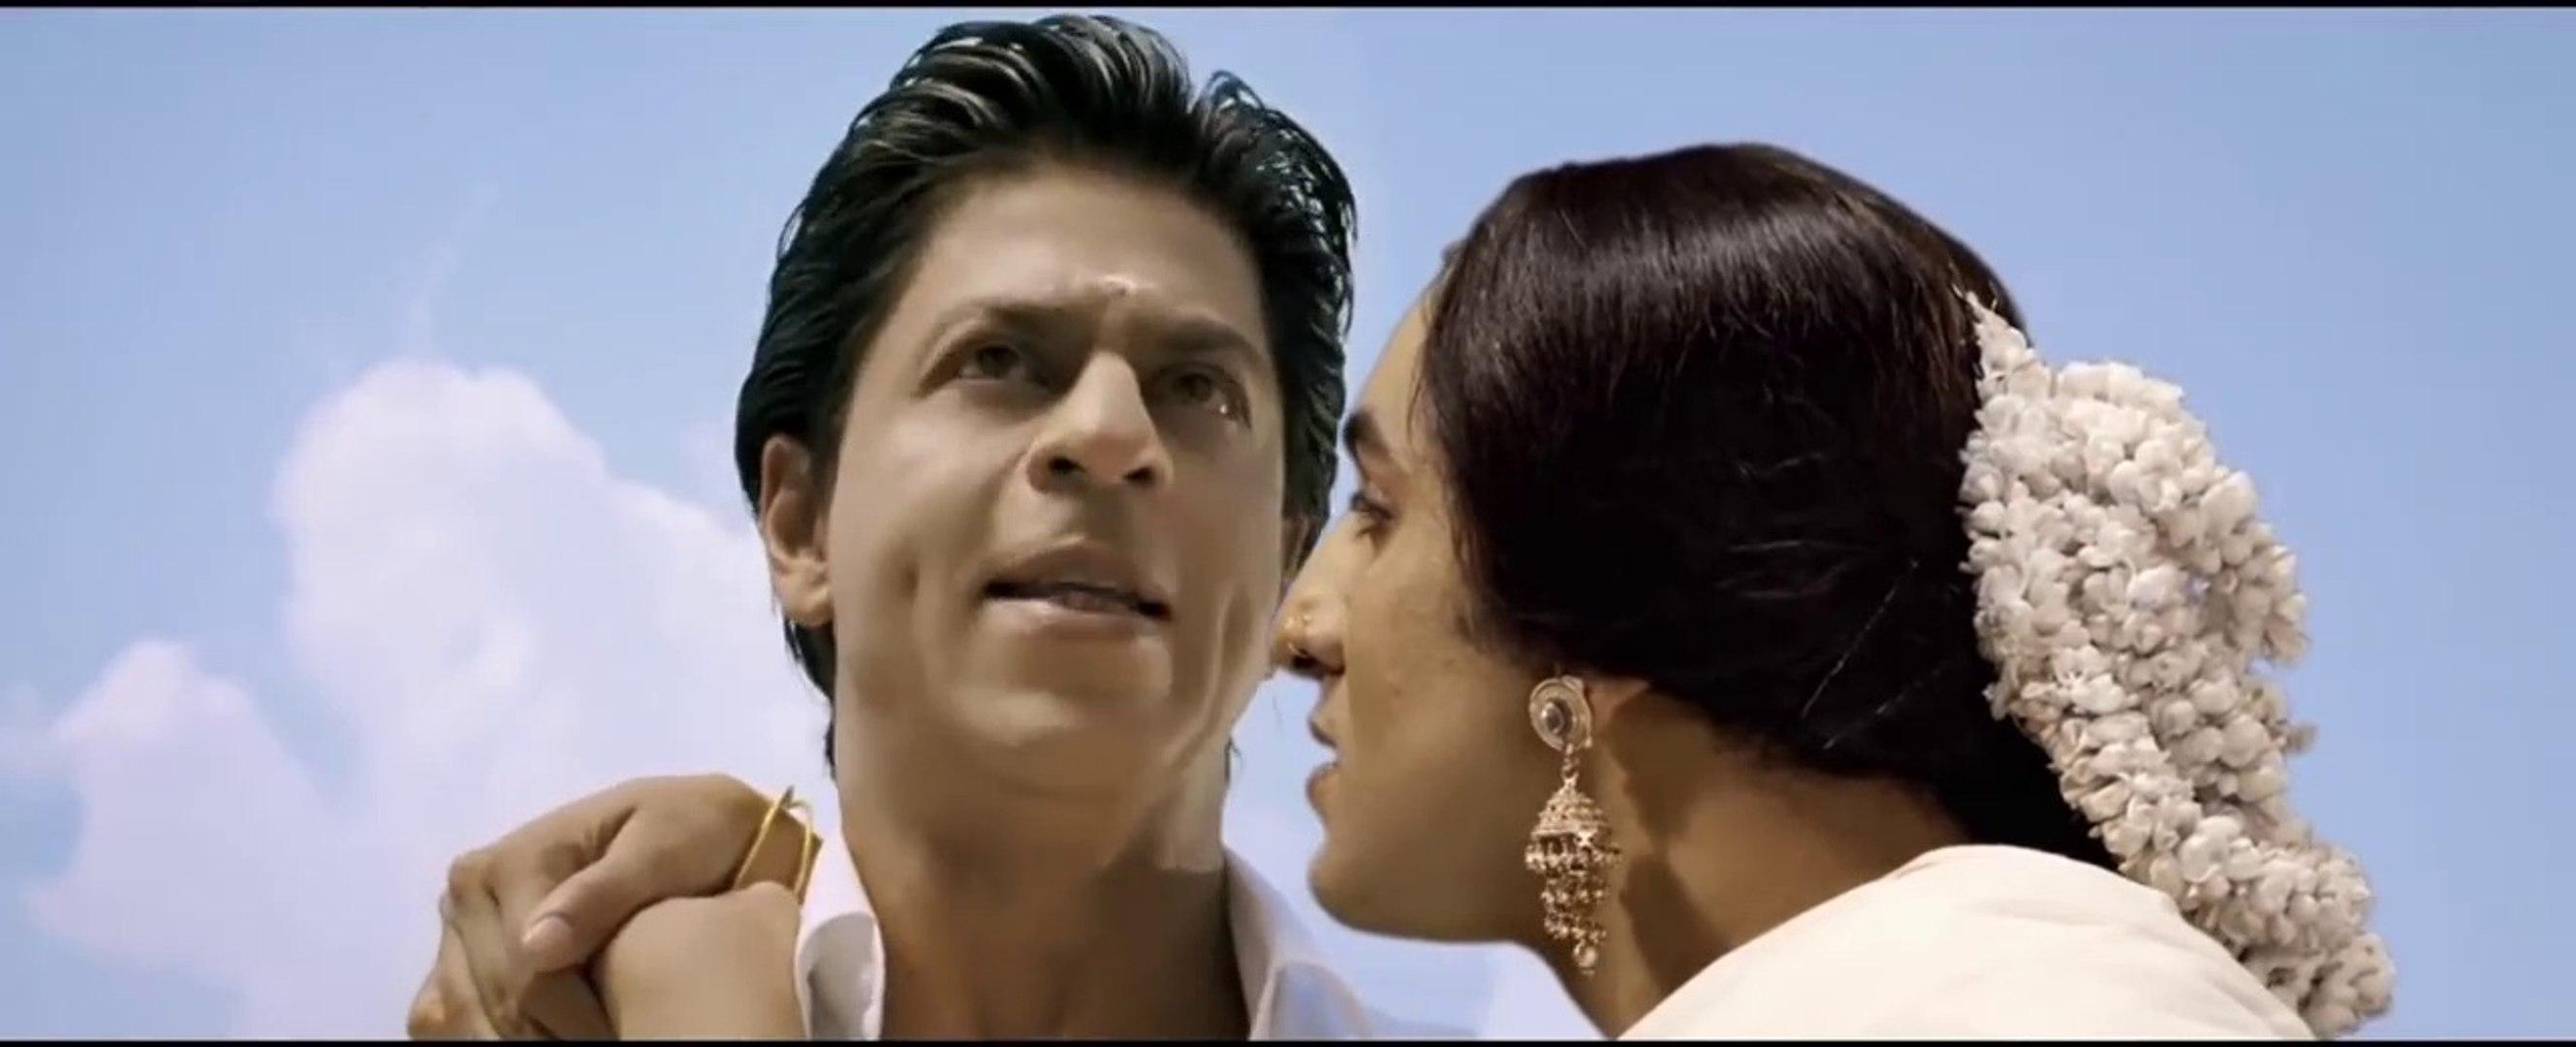 Shahrukh Khan RANBIR KAPOOR FILMFARE Spoof